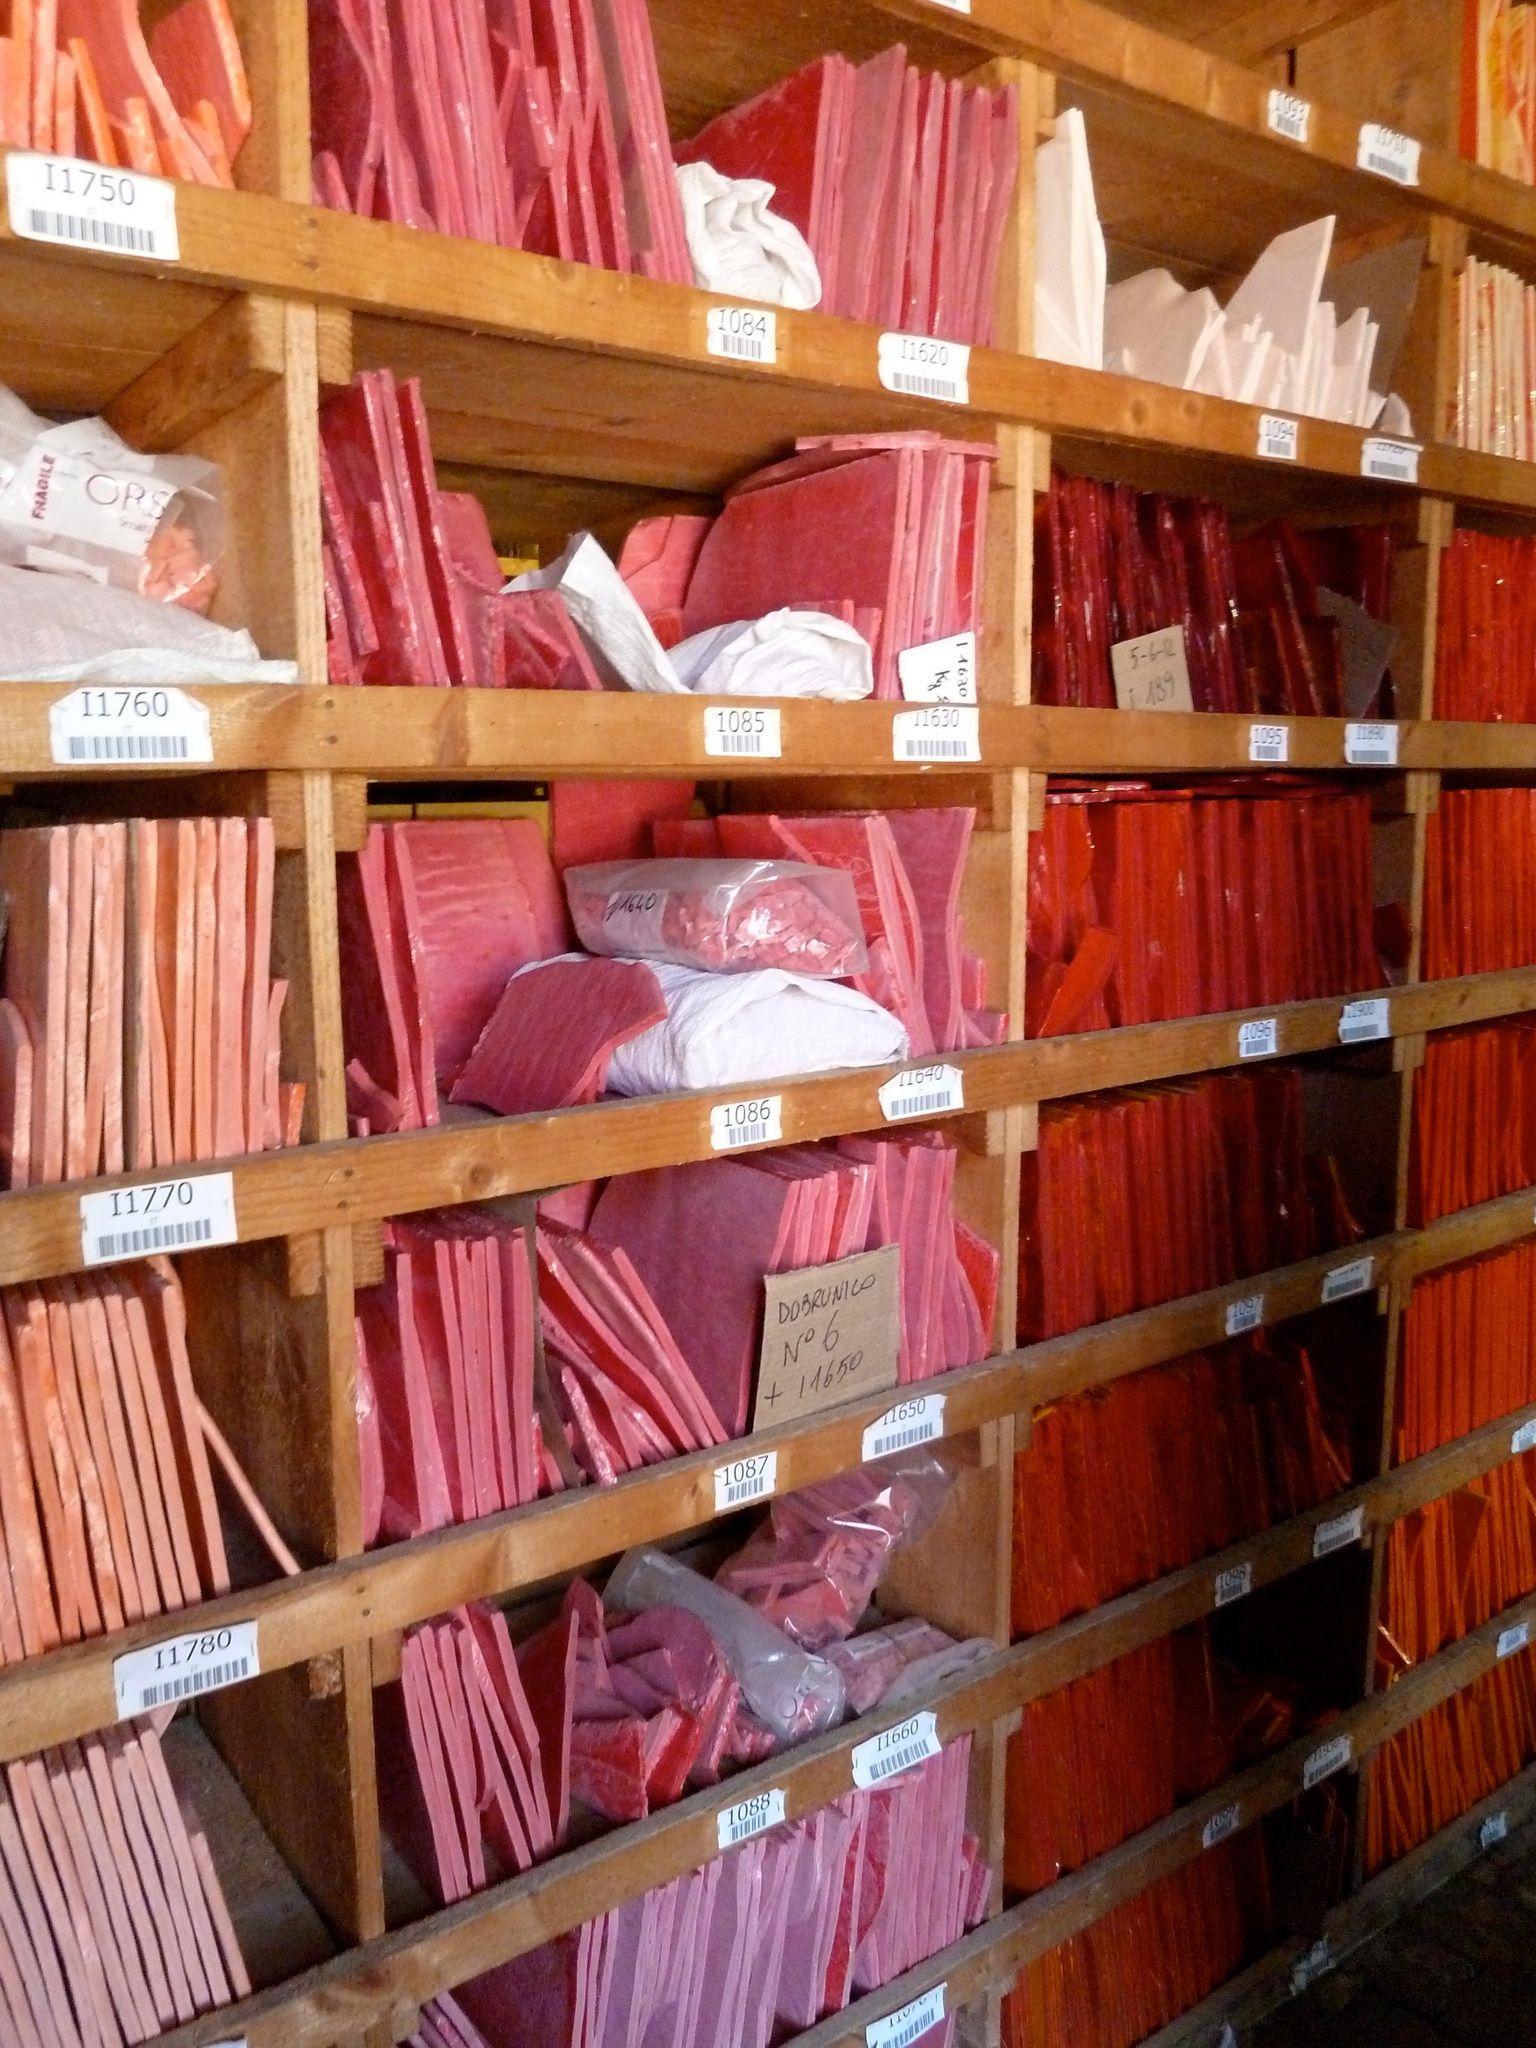 Pinks Orsoni colour library Venice Italy, Orsoni Smalti